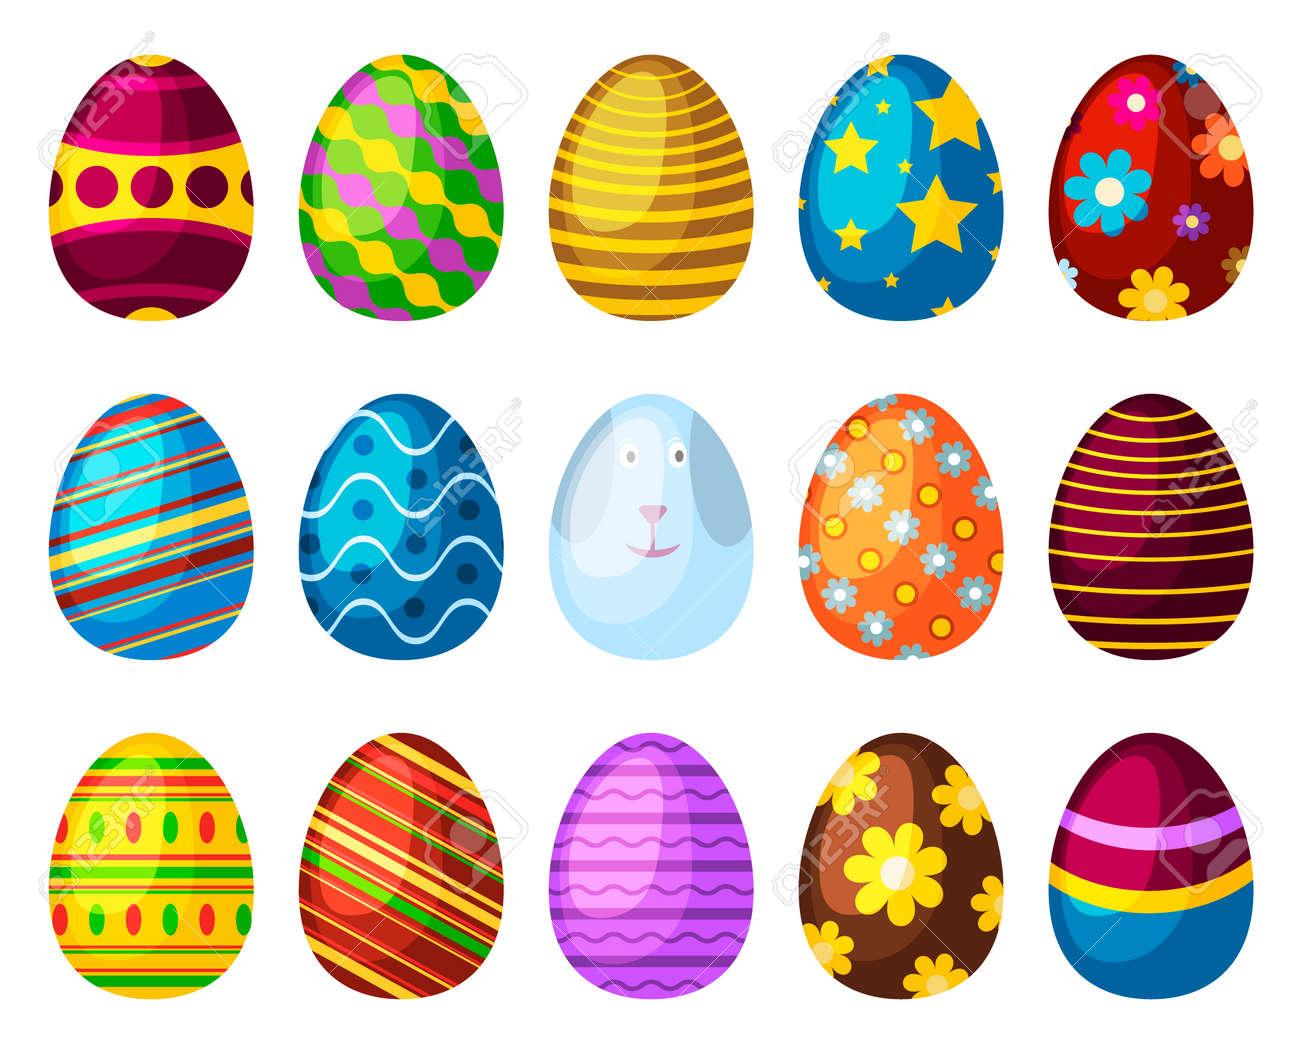 Banque d\u0027images , Oeufs de Pâques printemps coloré isolé célébration  décoration vacances icônes. Oeufs de Pâques illustration vectorielle pour  la conception